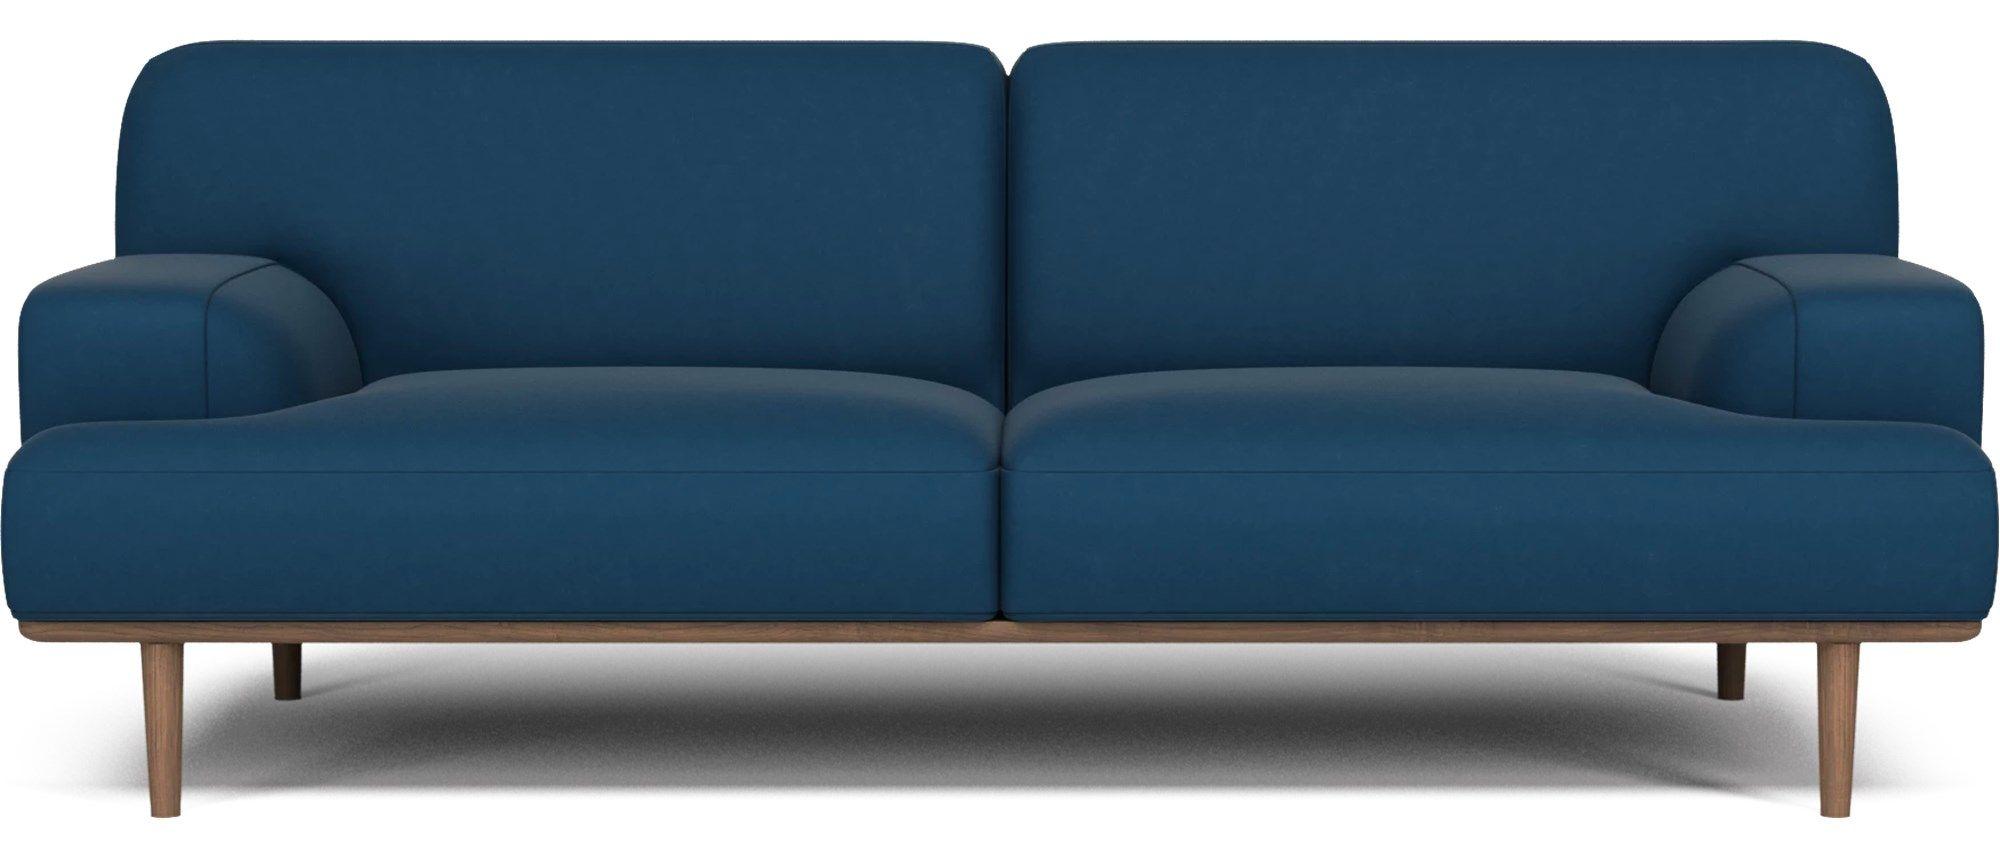 Weiche sofas good weiche sofas neu best ab auf s sofa images on pinterest fotos of weiche sofas - Groayes wohnzimmer ...